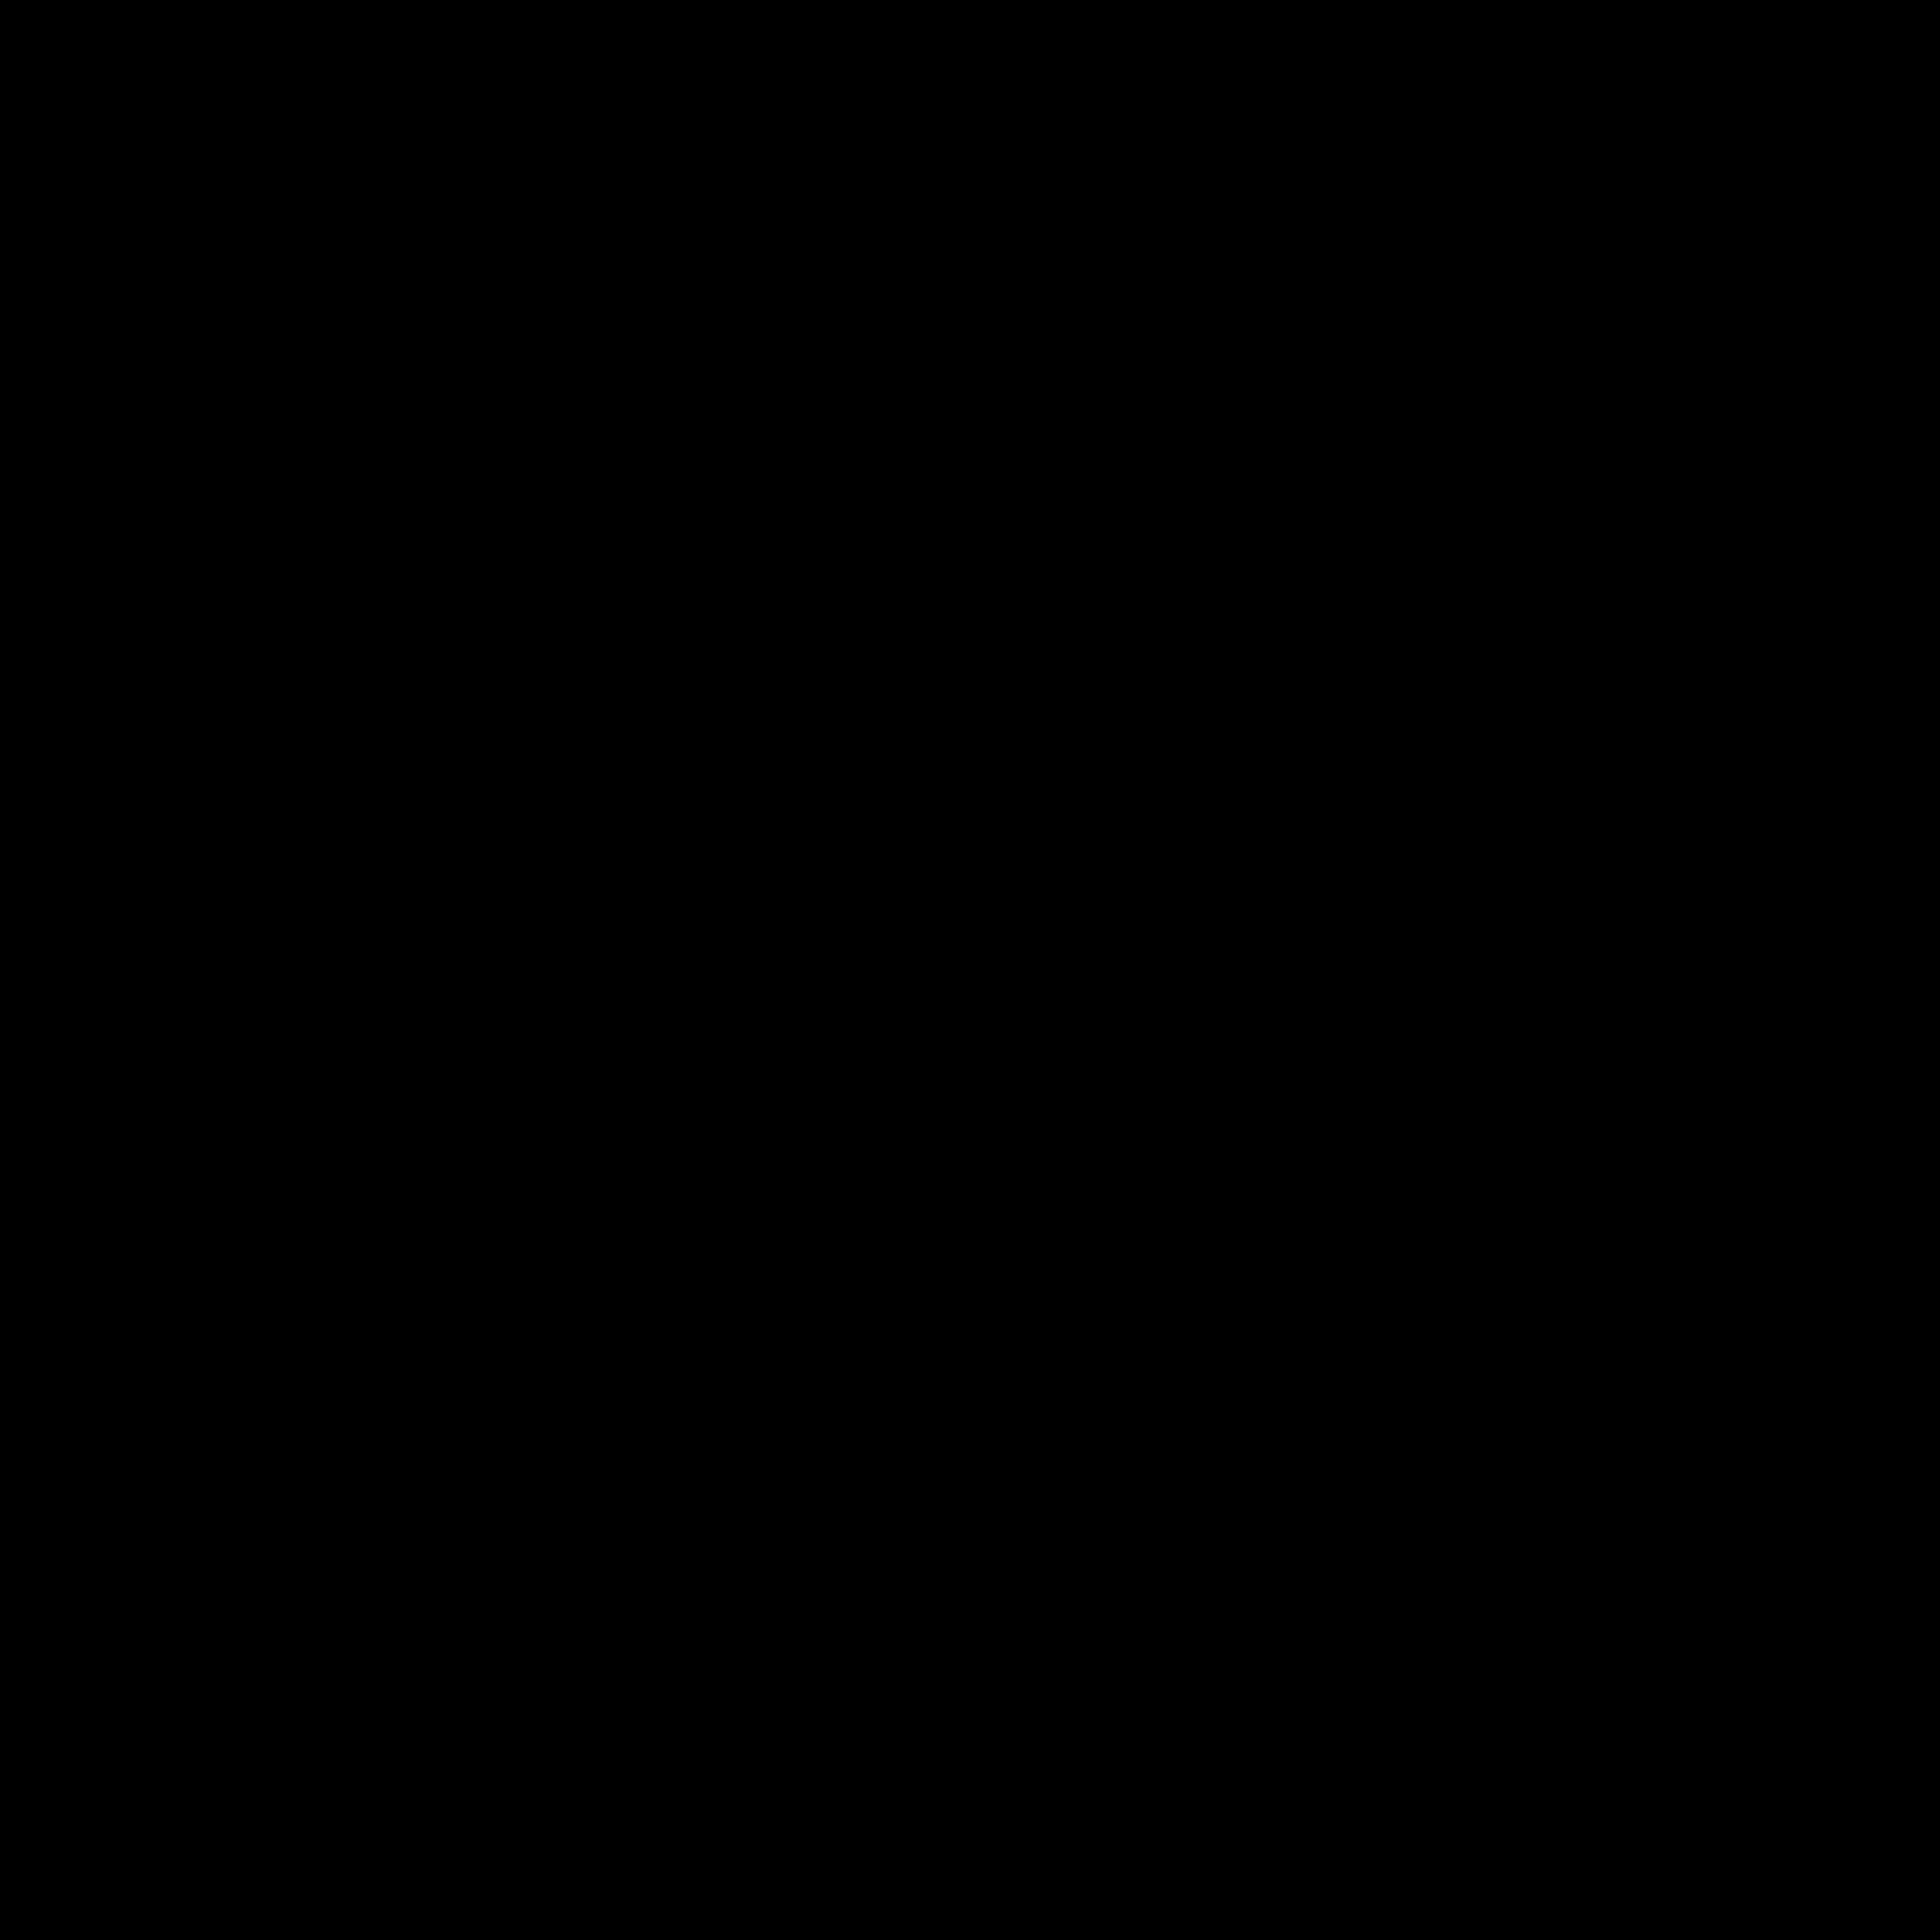 jbl-2-logo-png-transparent